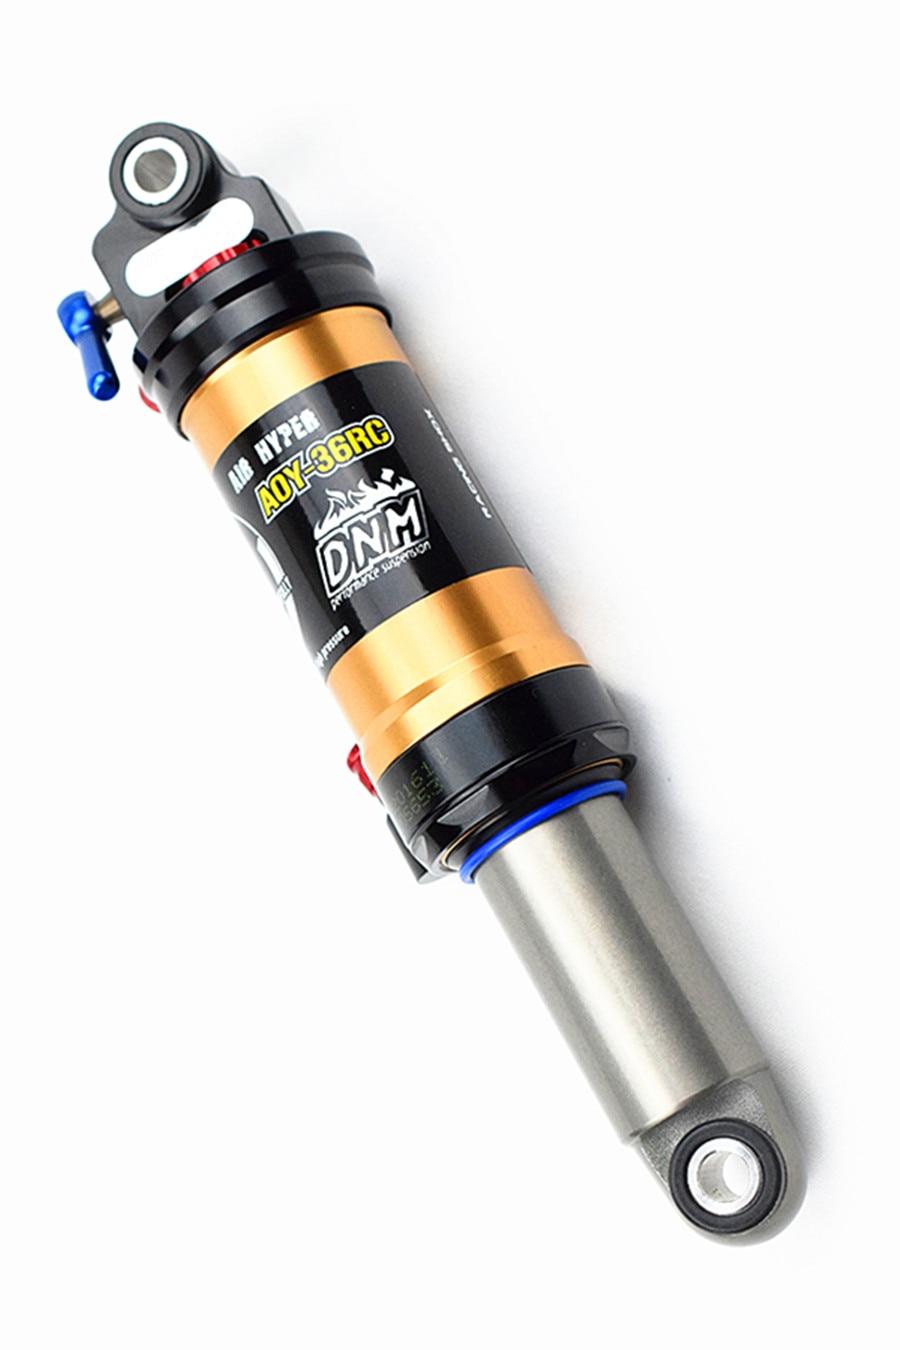 VTT DNM AOY-36RC haute-pression effet de rebond sur le RENARD et Rockshox DH vtt arrière suspension fourche de vélo plug